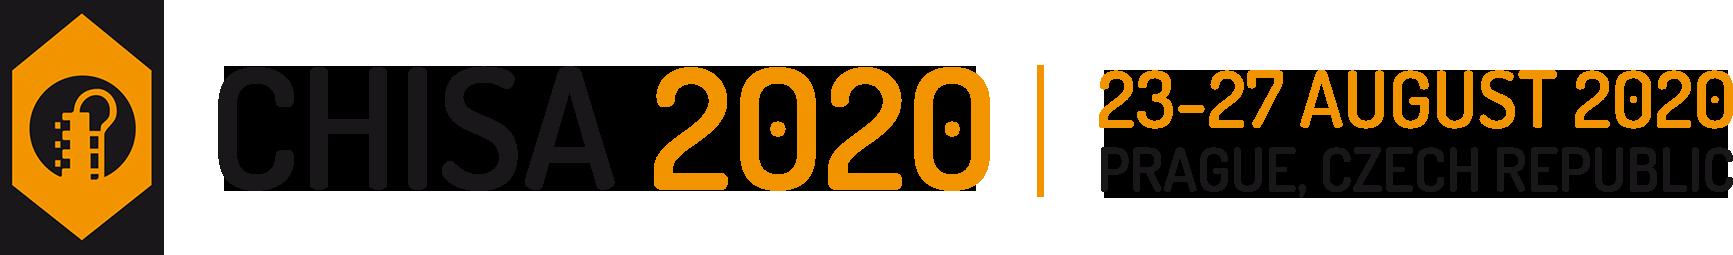 chisa-2020